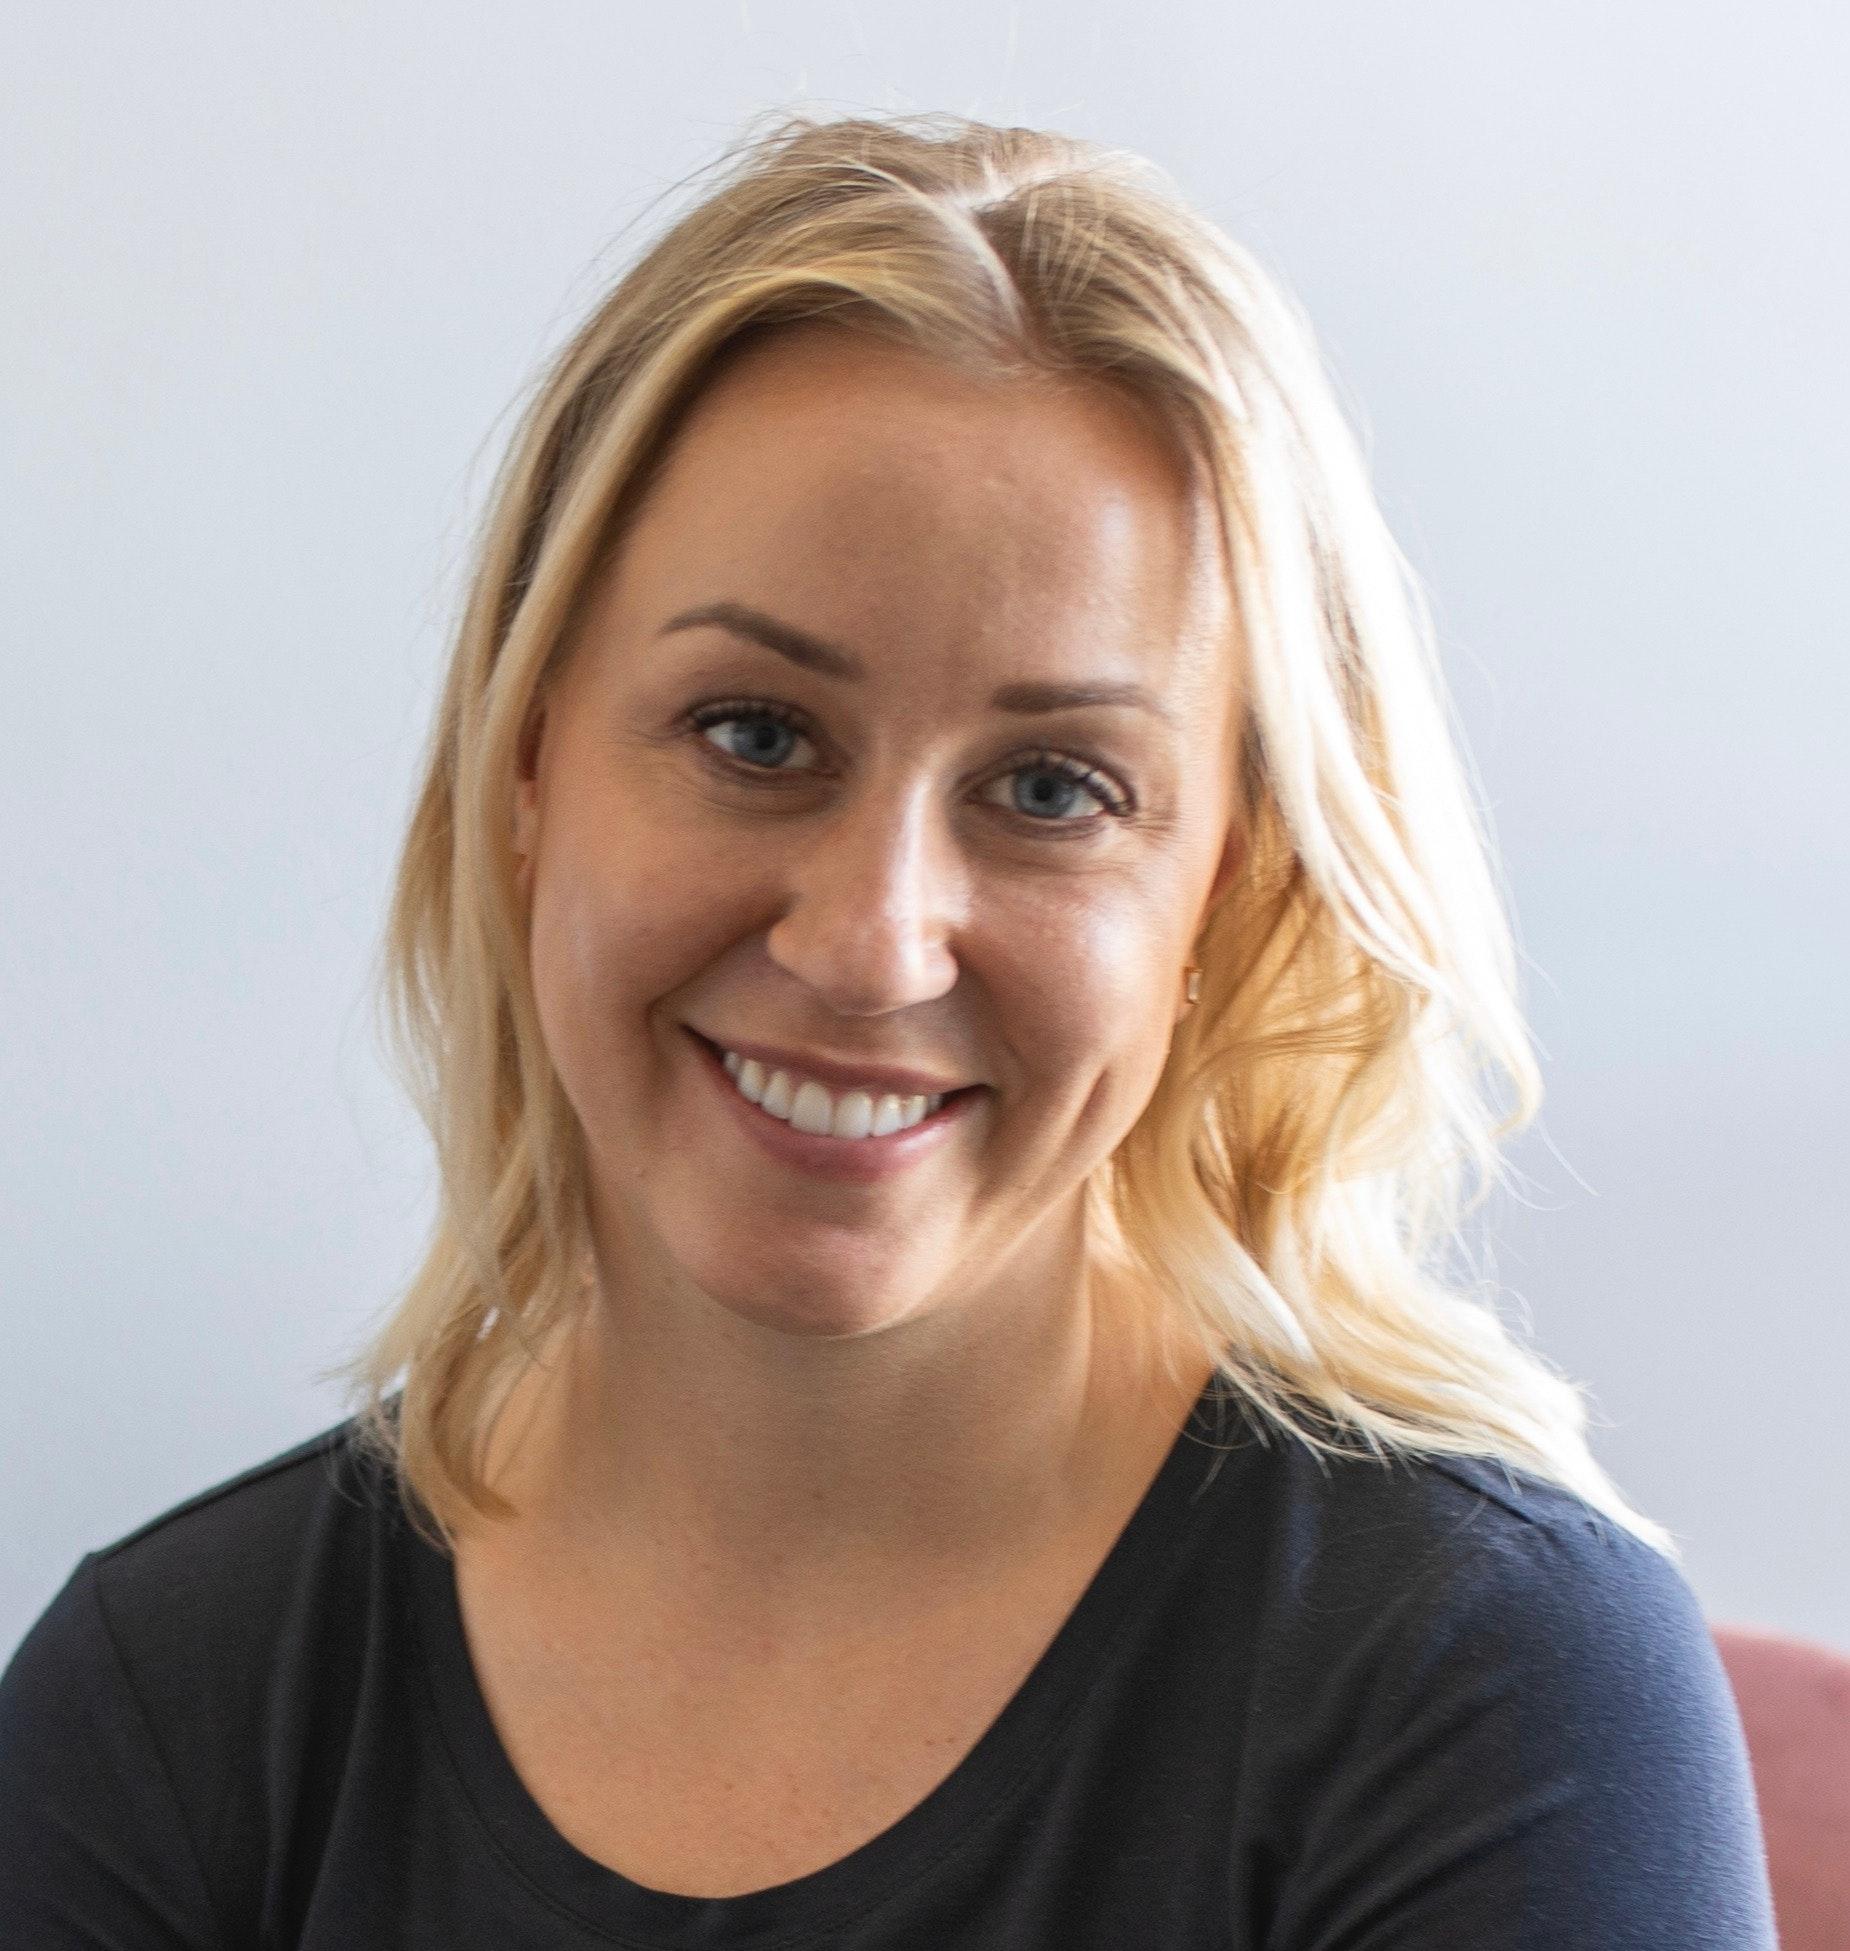 Carissa Gustafson